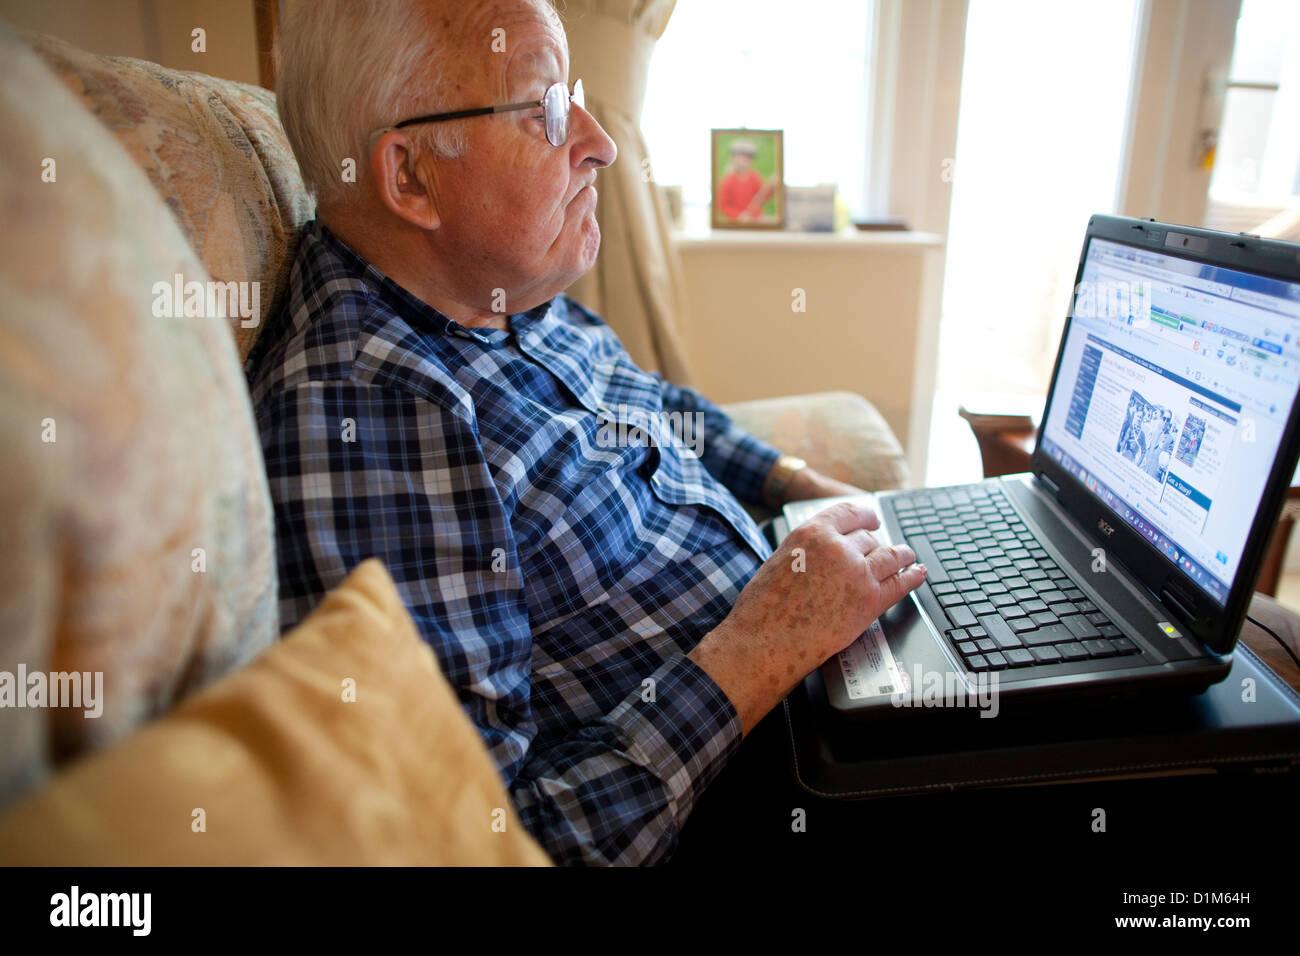 Hombre de edad utilizando un equipo portátil en casa Imagen De Stock